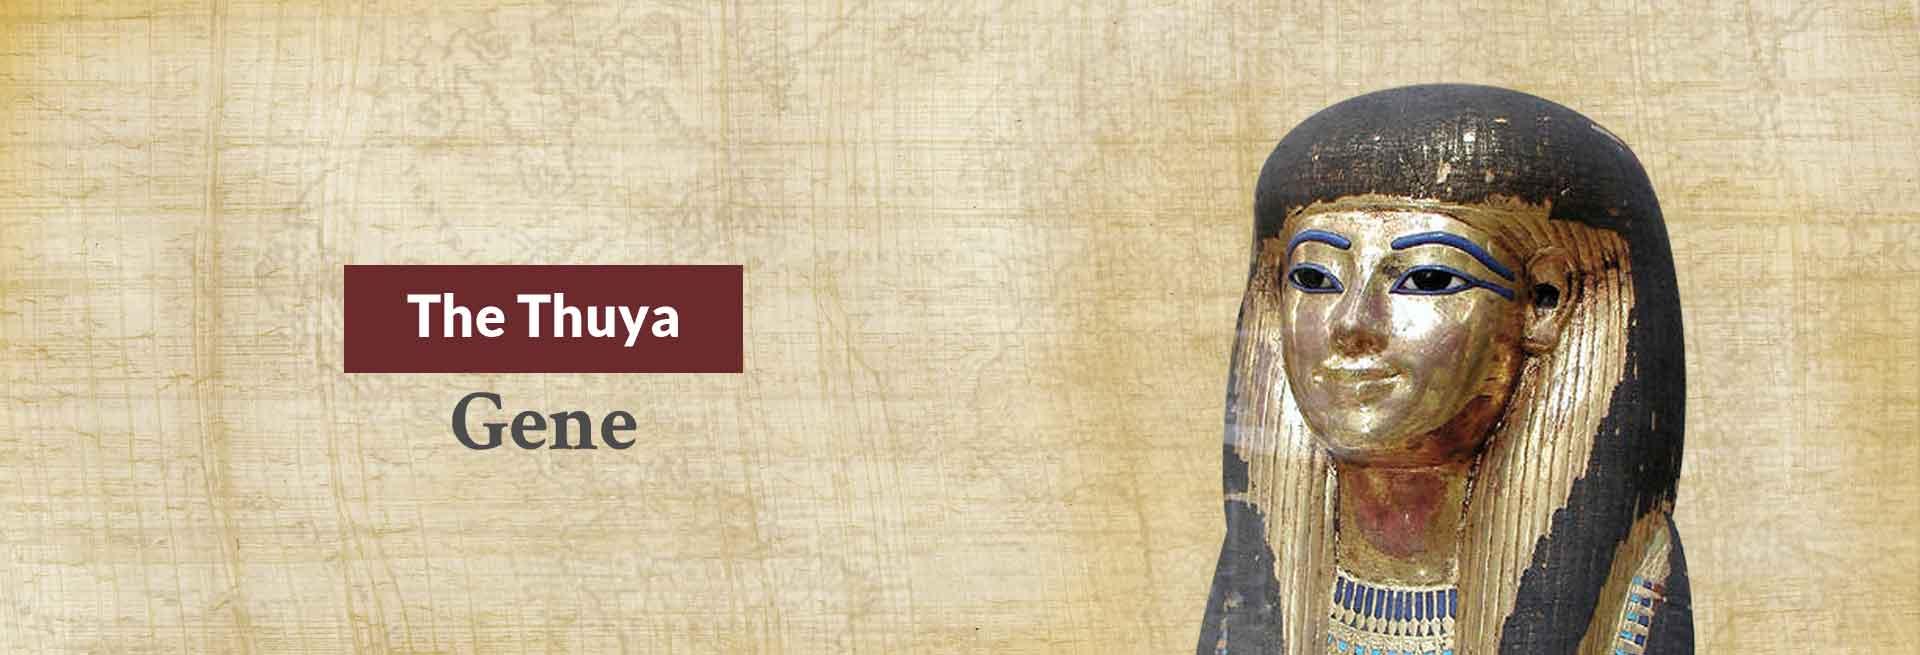 The Thuya Gene